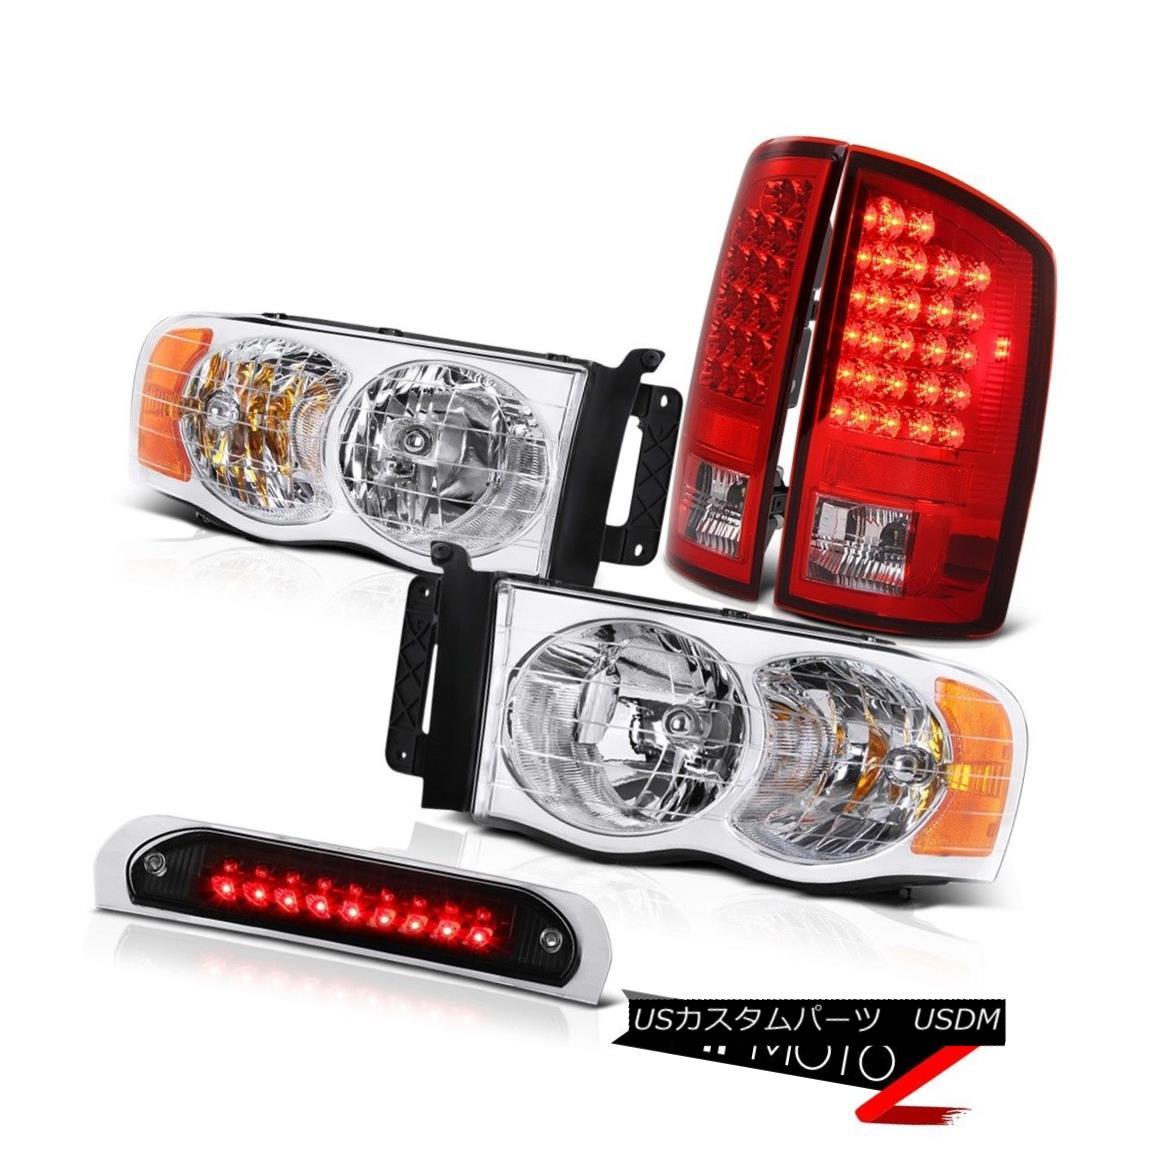 テールライト Crystal Headlights Red LED Tail Lights Black 3rd Brake 02 03 04 05 Ram PowerTech クリスタルヘッドライトレッドLEDテールライトブラック3rdブレーキ02 03 04 05 Ram PowerTech